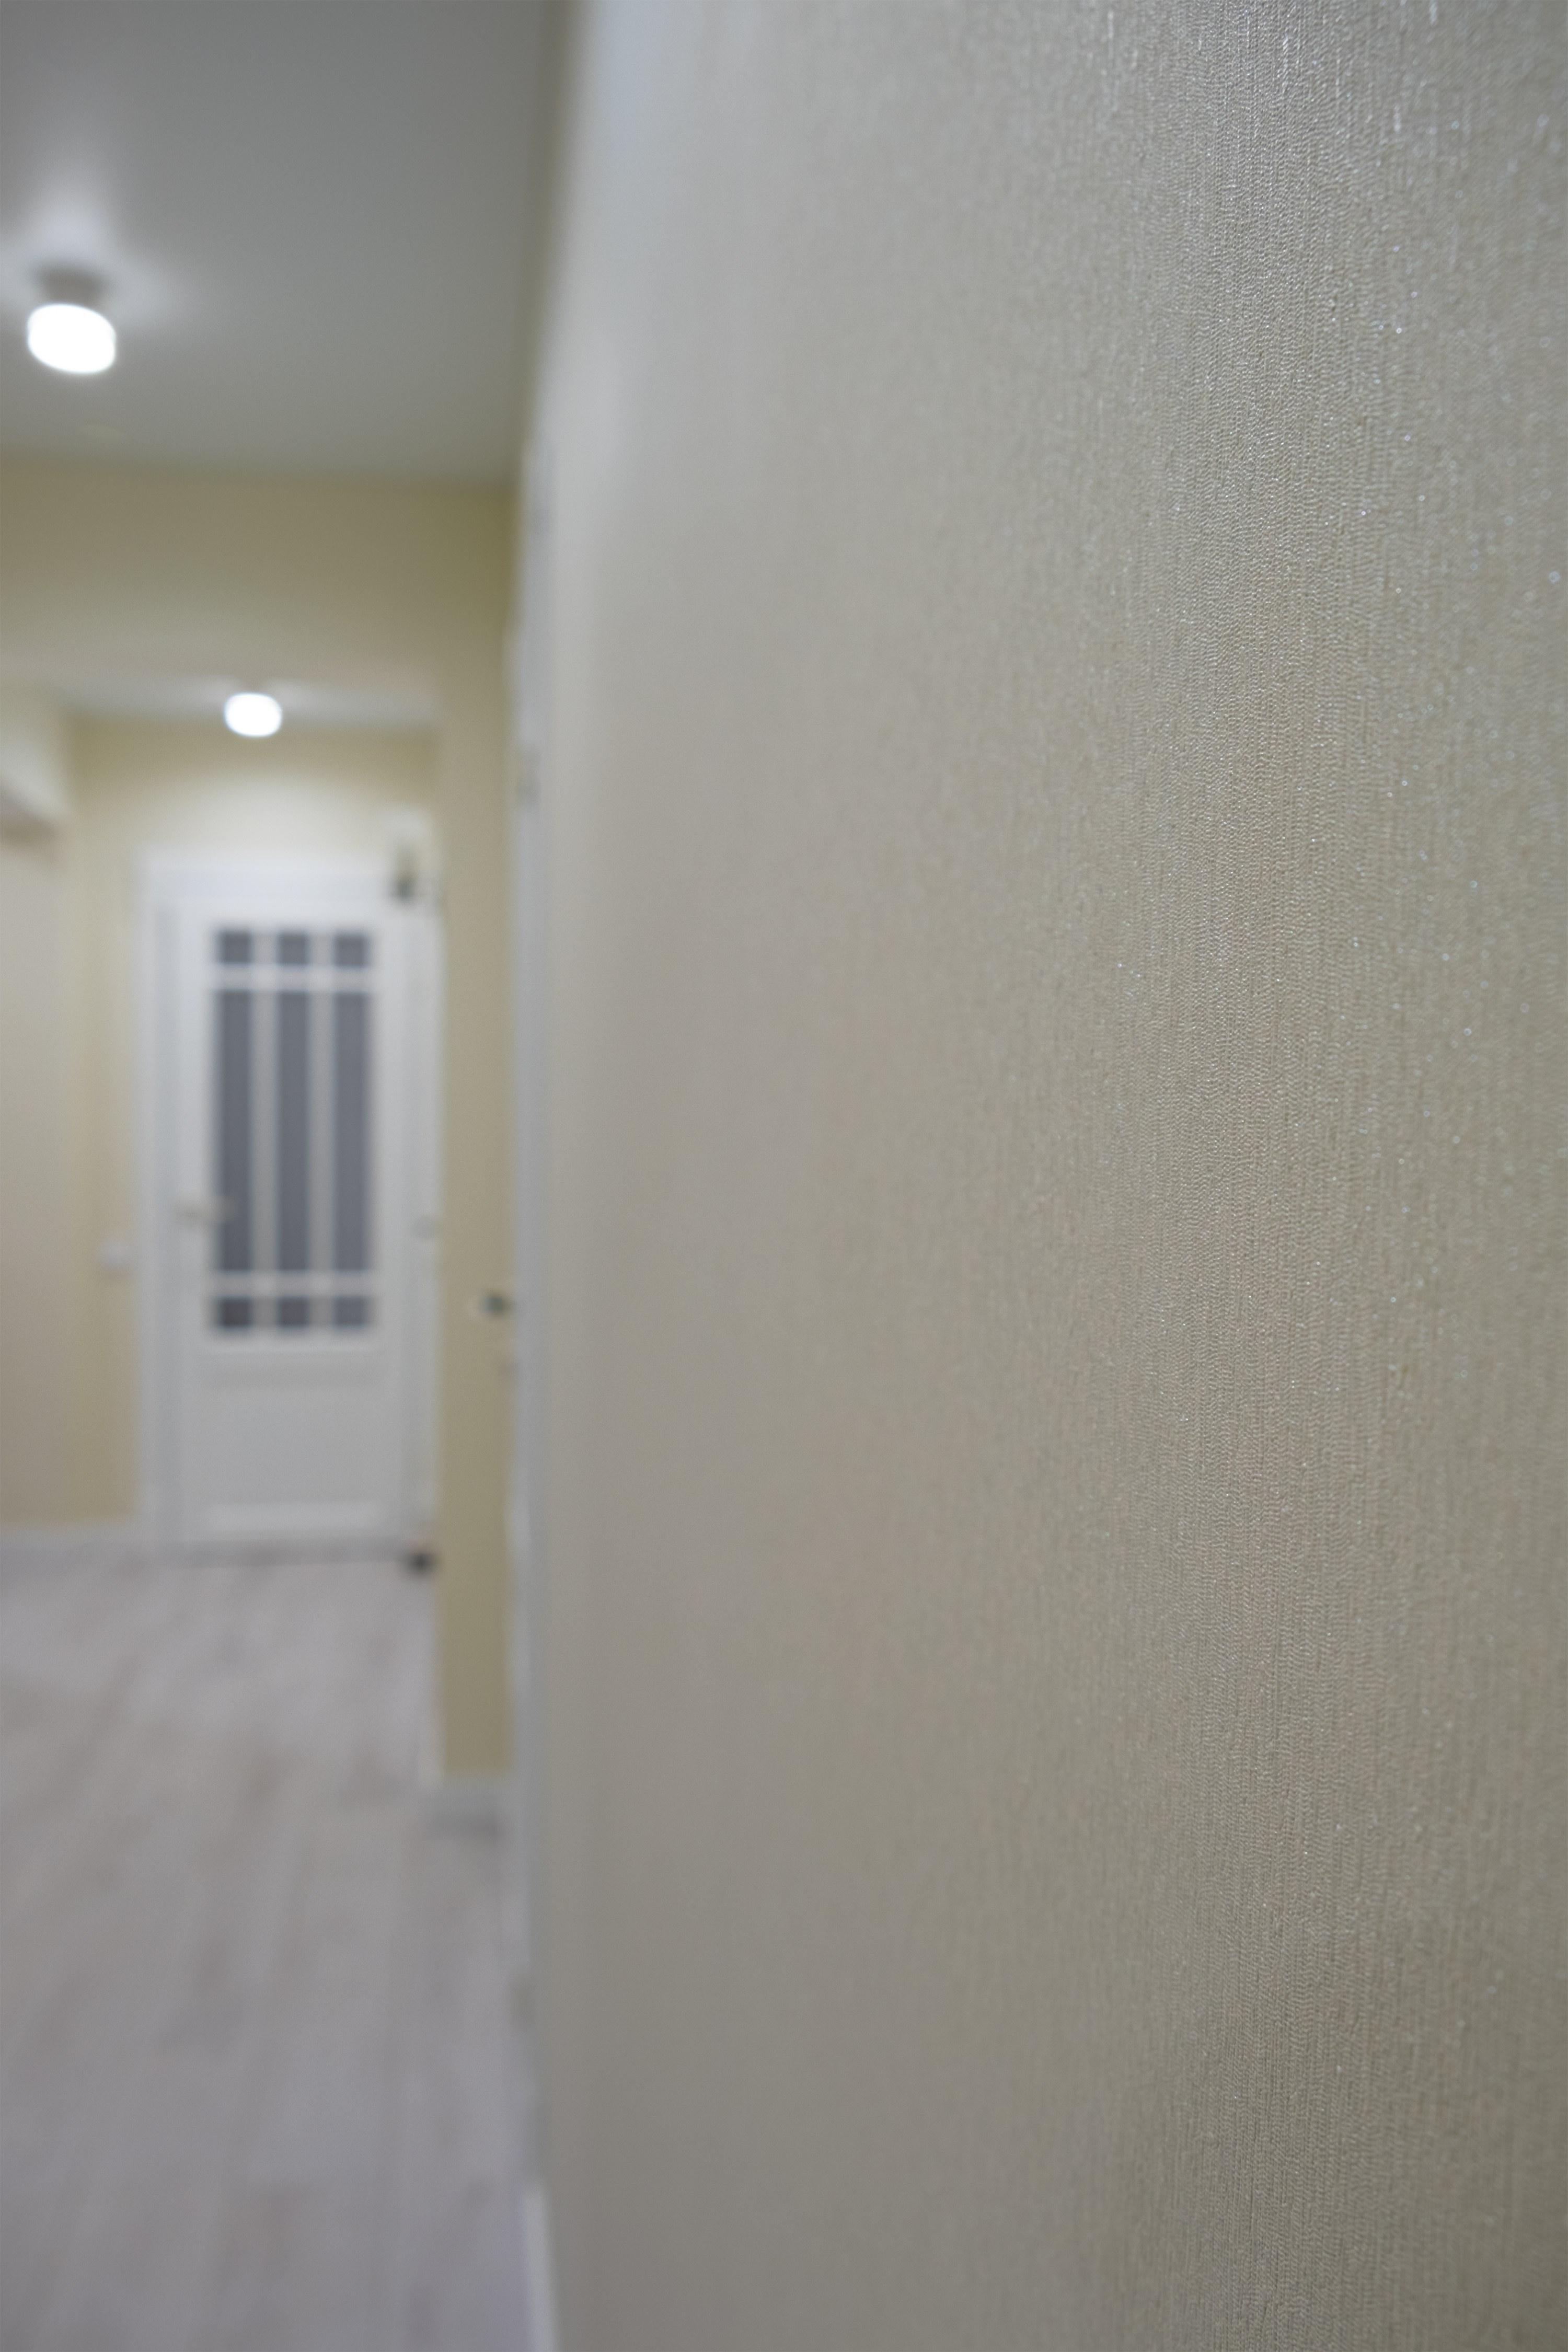 Качество поклейки обоев в коридоре после ремонта квартиры